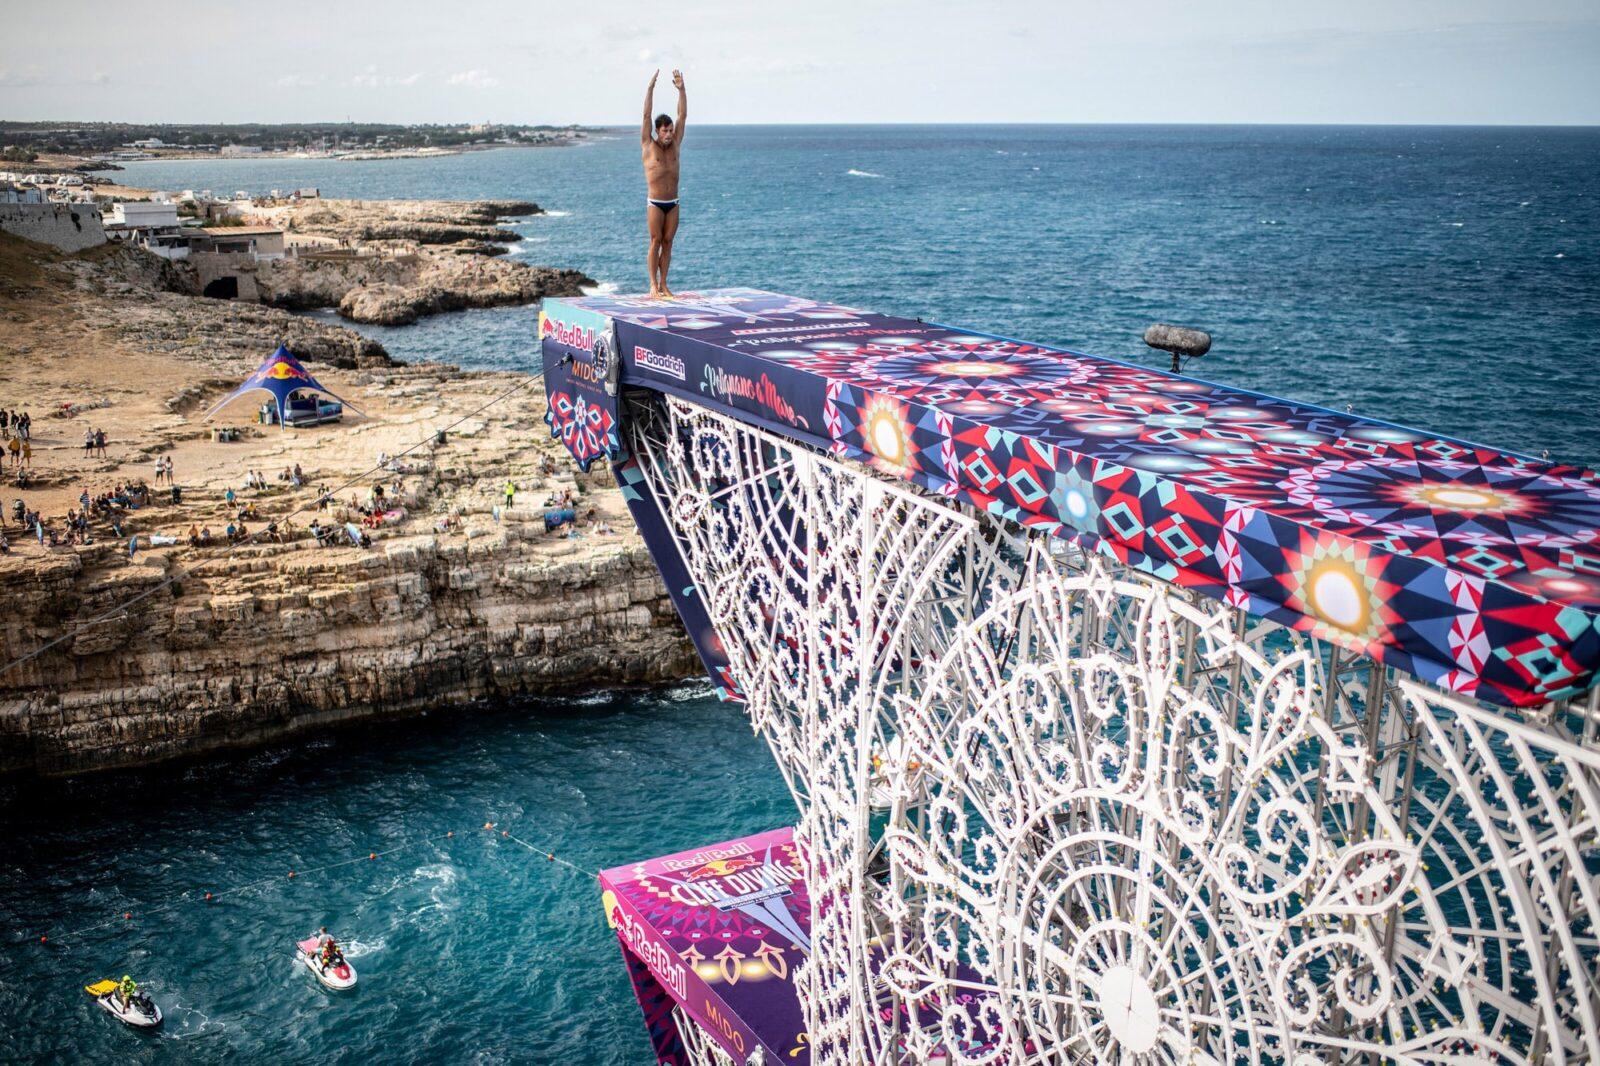 クリフダイビングはRed Bullがサポートする新進のスポーツのひとつ。最高27mの高さから海や川に飛び込み、宙返りとひねりの回数や、空中姿勢や入水の美しさなどを、採点によって競い合う。今年はワールドシリーズが欧州の6つのロケーションで開催中。写真は2021年9月に開催されたイタリア・プーリアでの様子。ダイナミックな自然の景観を楽しめるのも魅力のひとつなのだ。最終戦は10月16日、アゼルバイジャンのバクーにて。photo: Dean Treml / Red Bull Content Pool